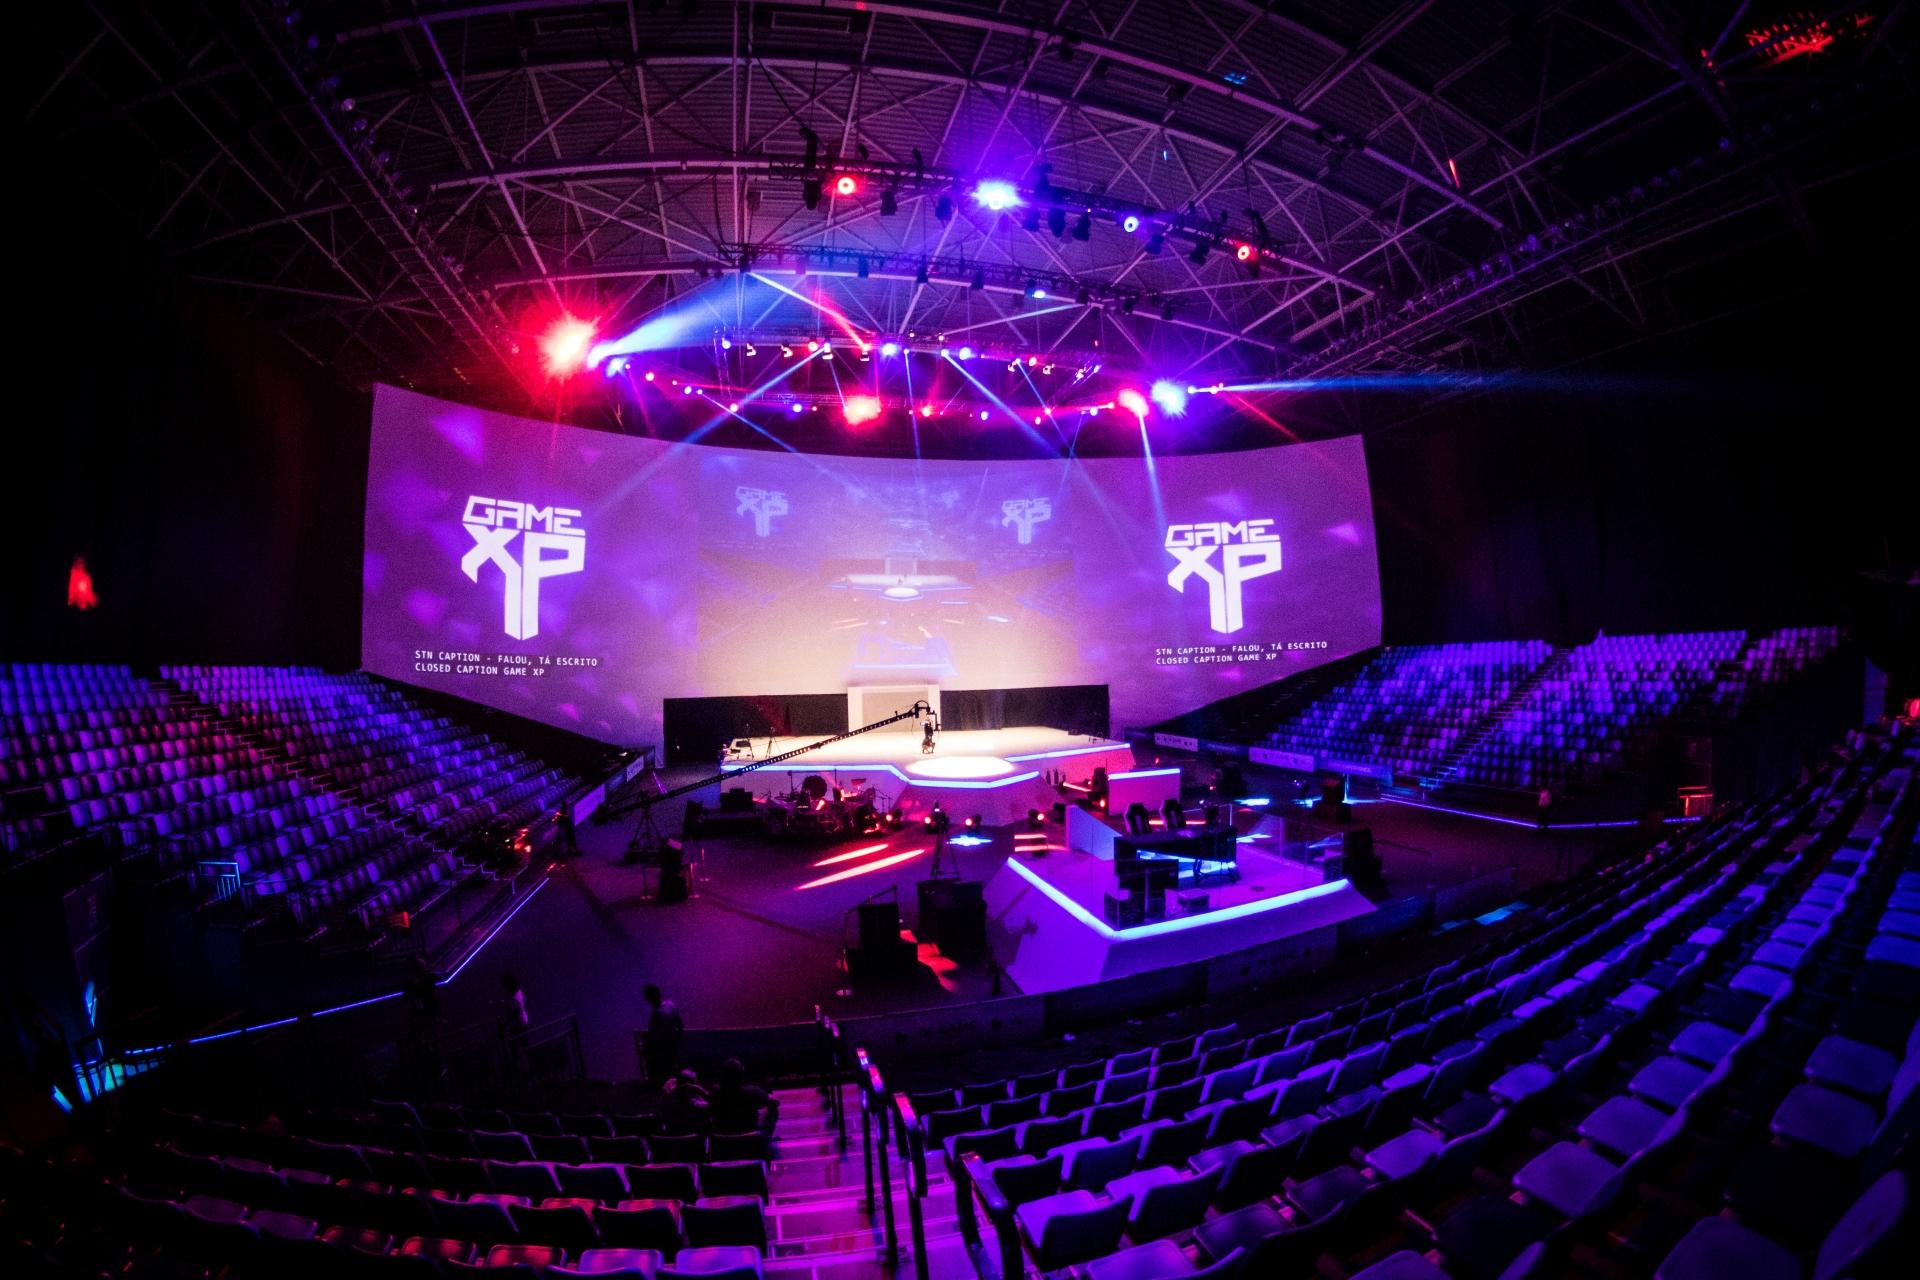 Resultado de imagem para game xp 2018 arena